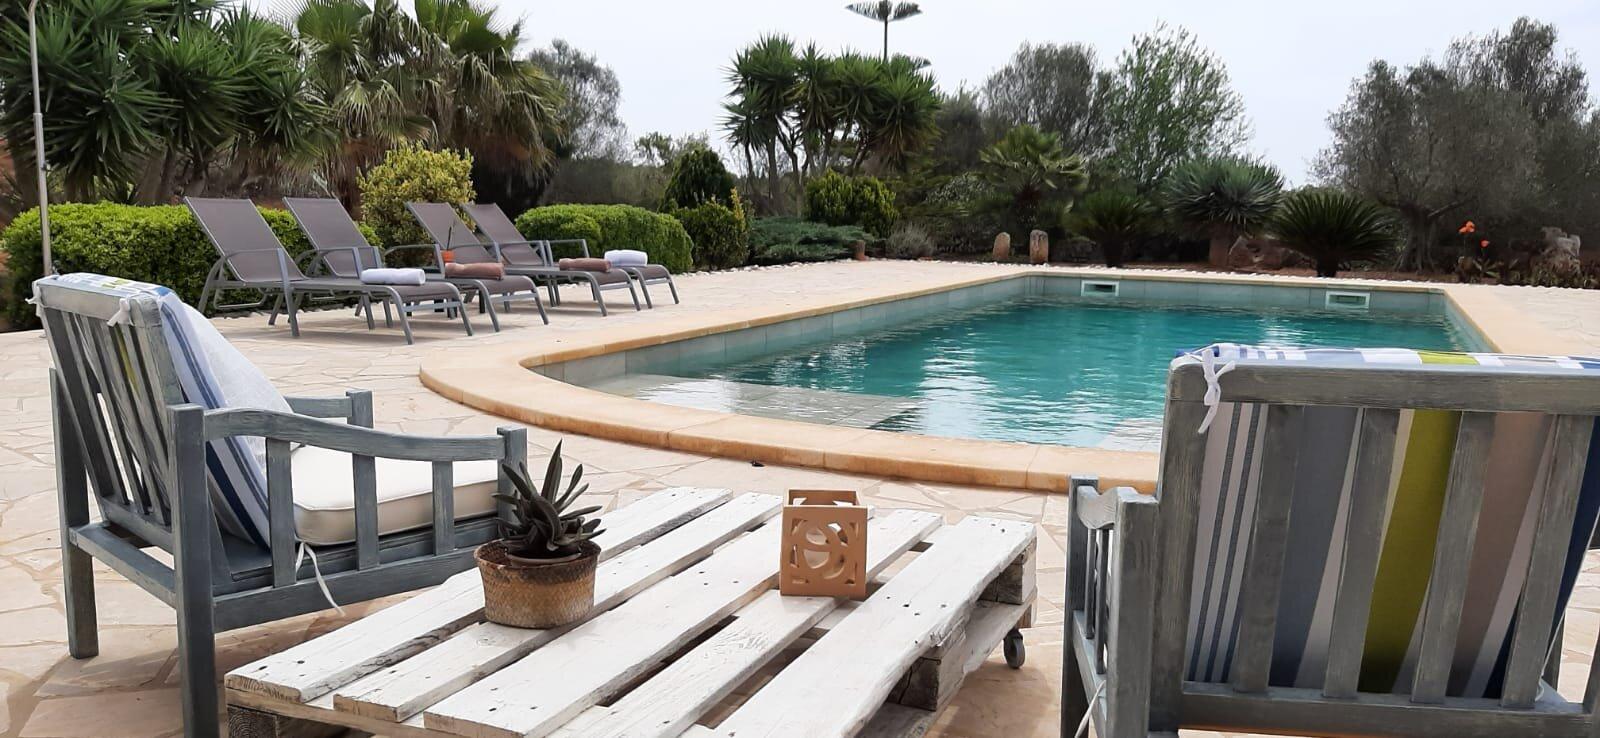 Ansicht des Hauses mit Terrasse & Pool